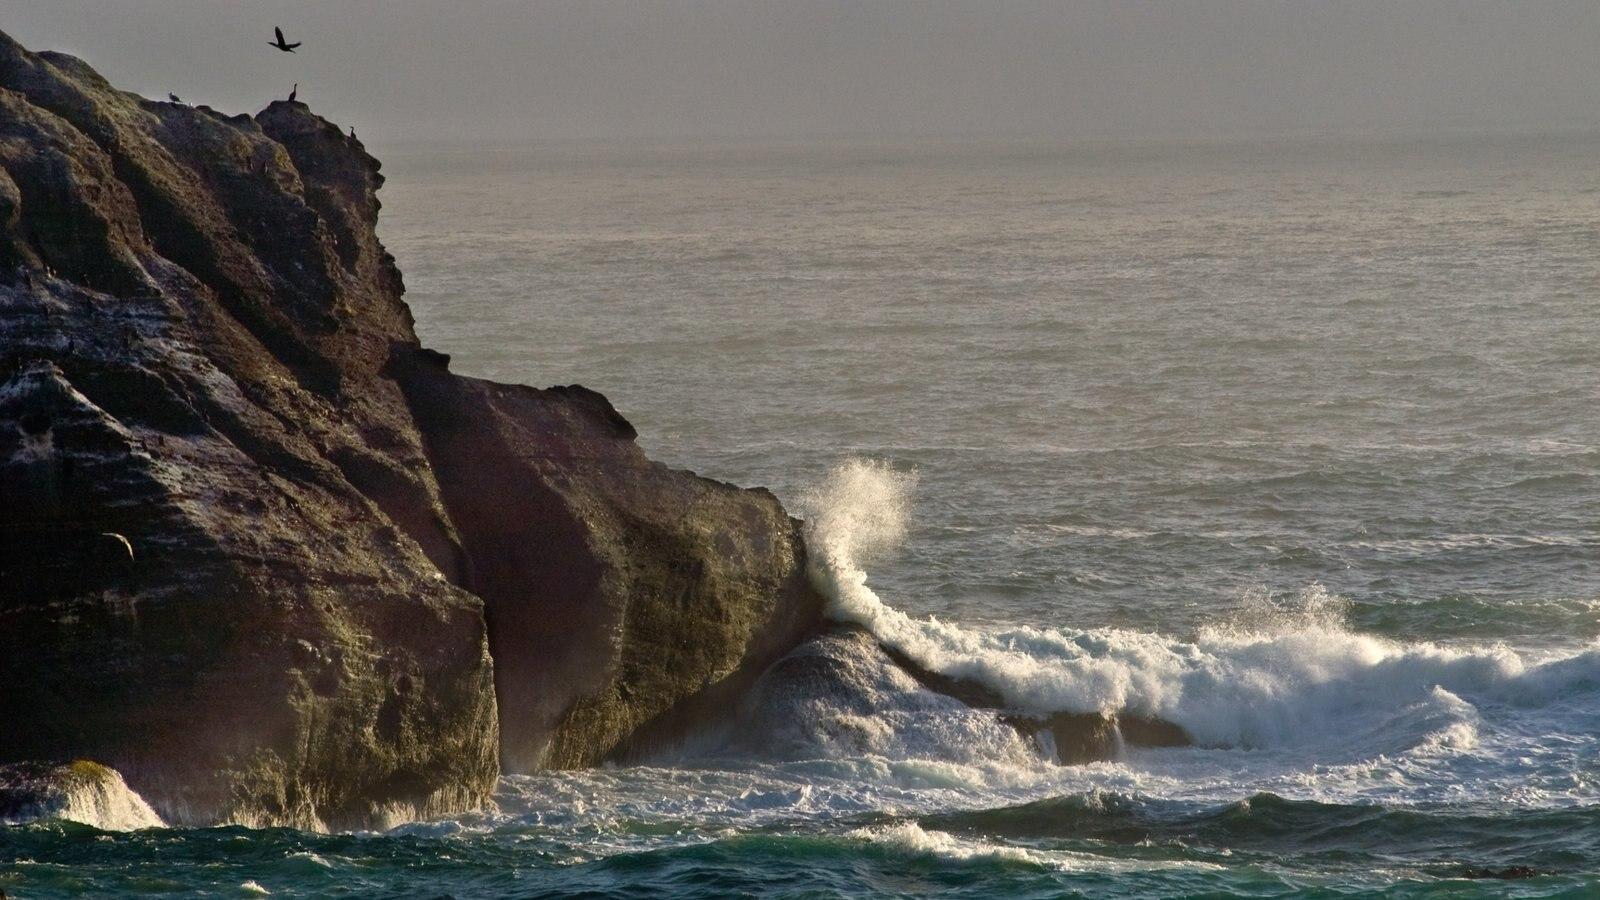 Washington que incluye costa rocosa y vistas generales de la costa